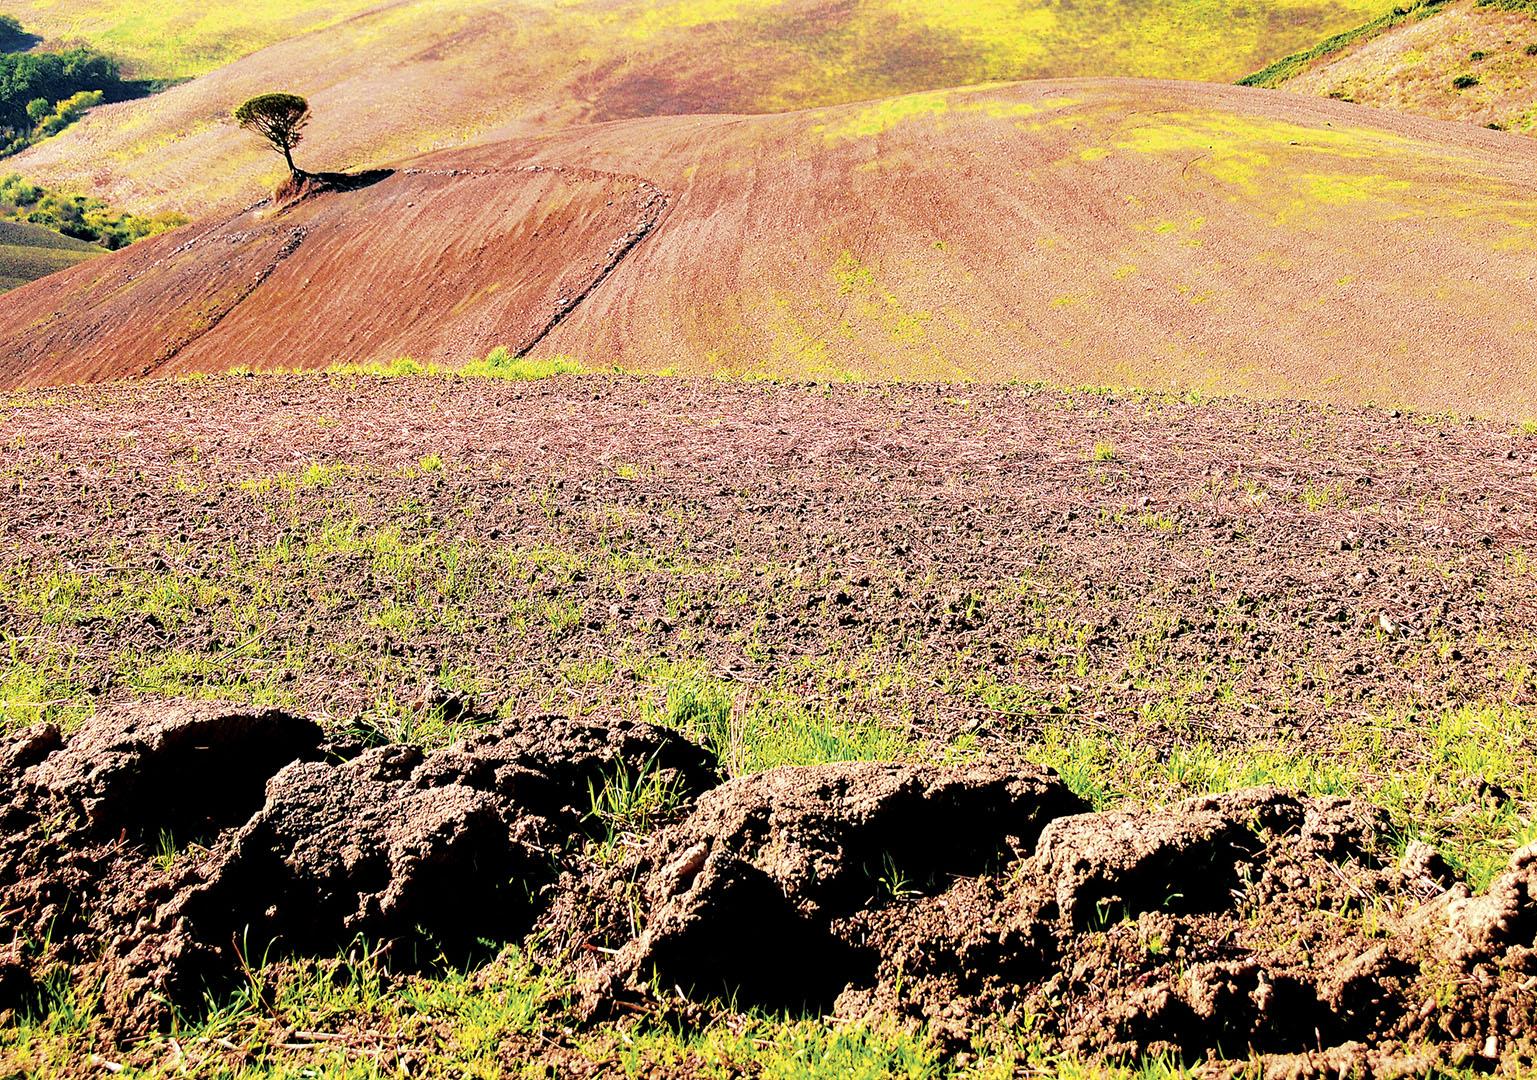 Landscapes_265_I10.1-39